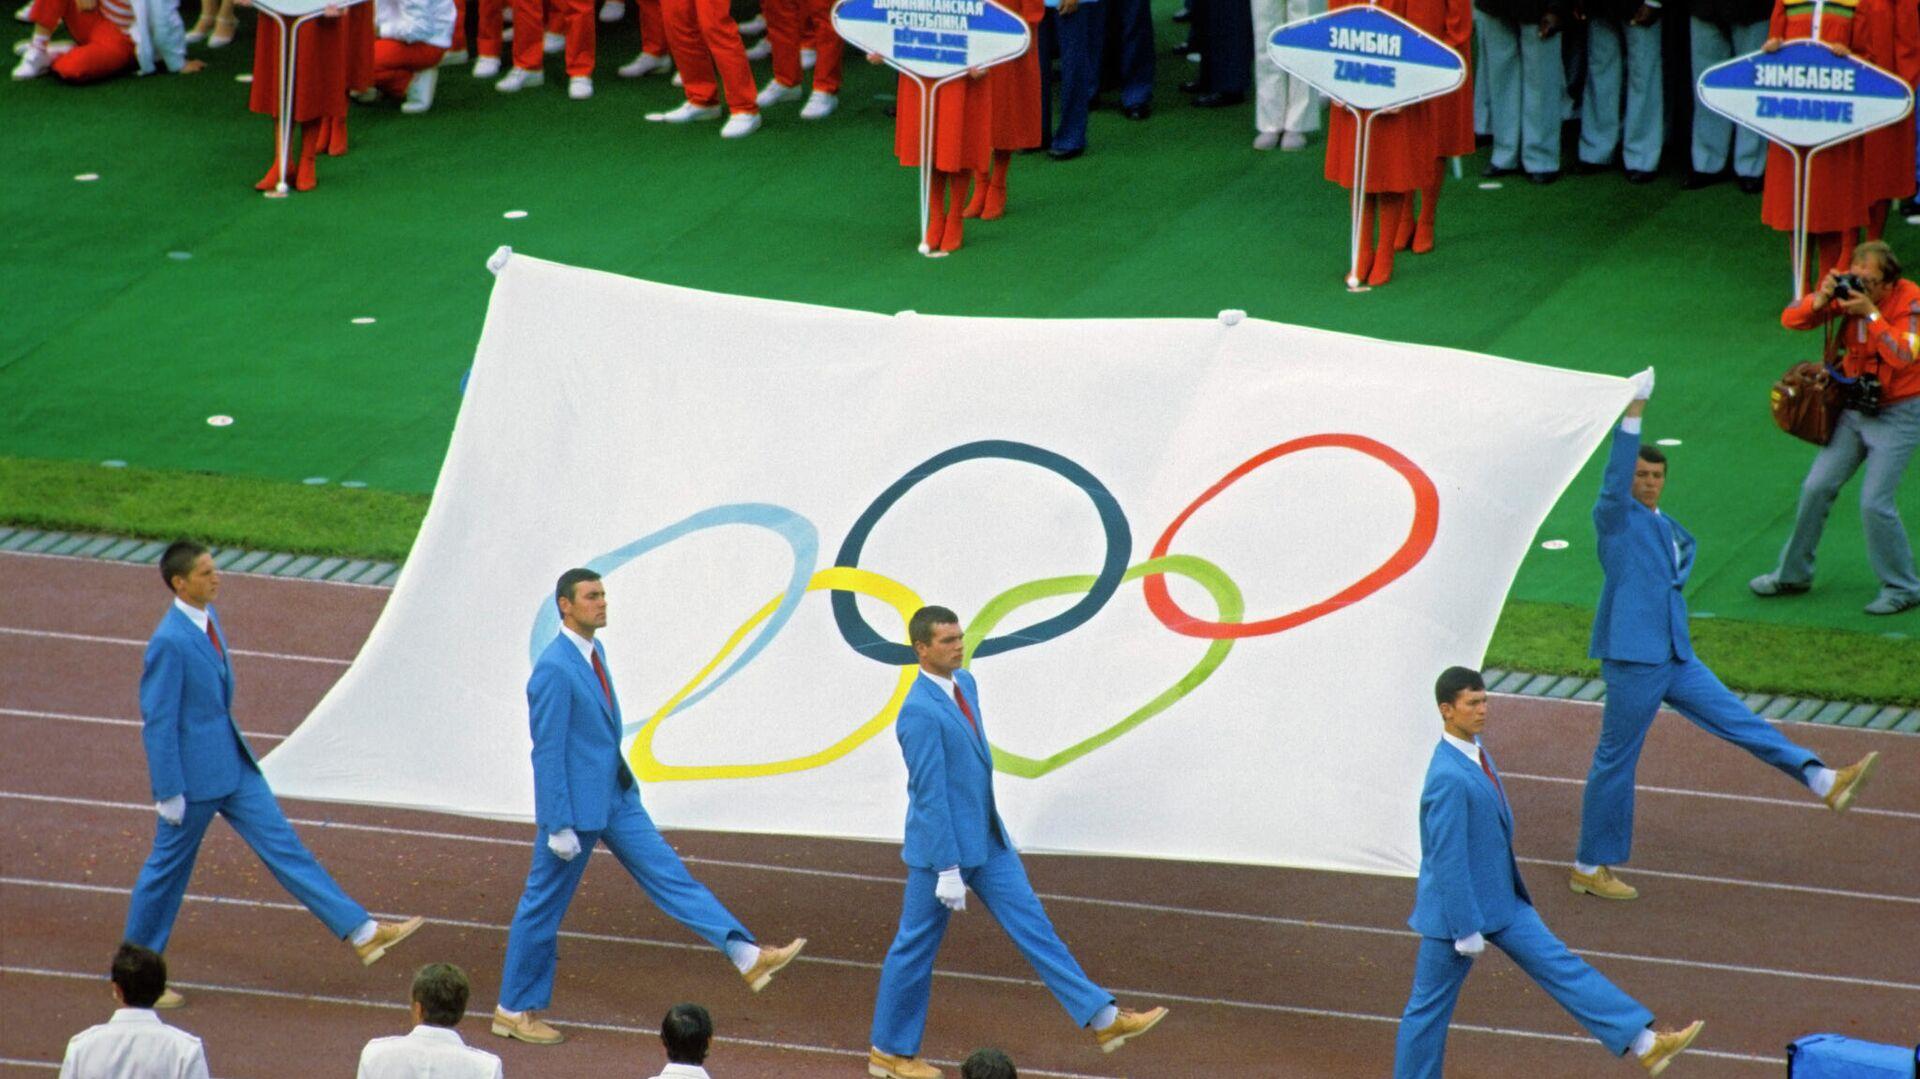 Торжественное открытие Олимпиады-80: внос олимпийского флаг  - РИА Новости, 1920, 27.07.2021